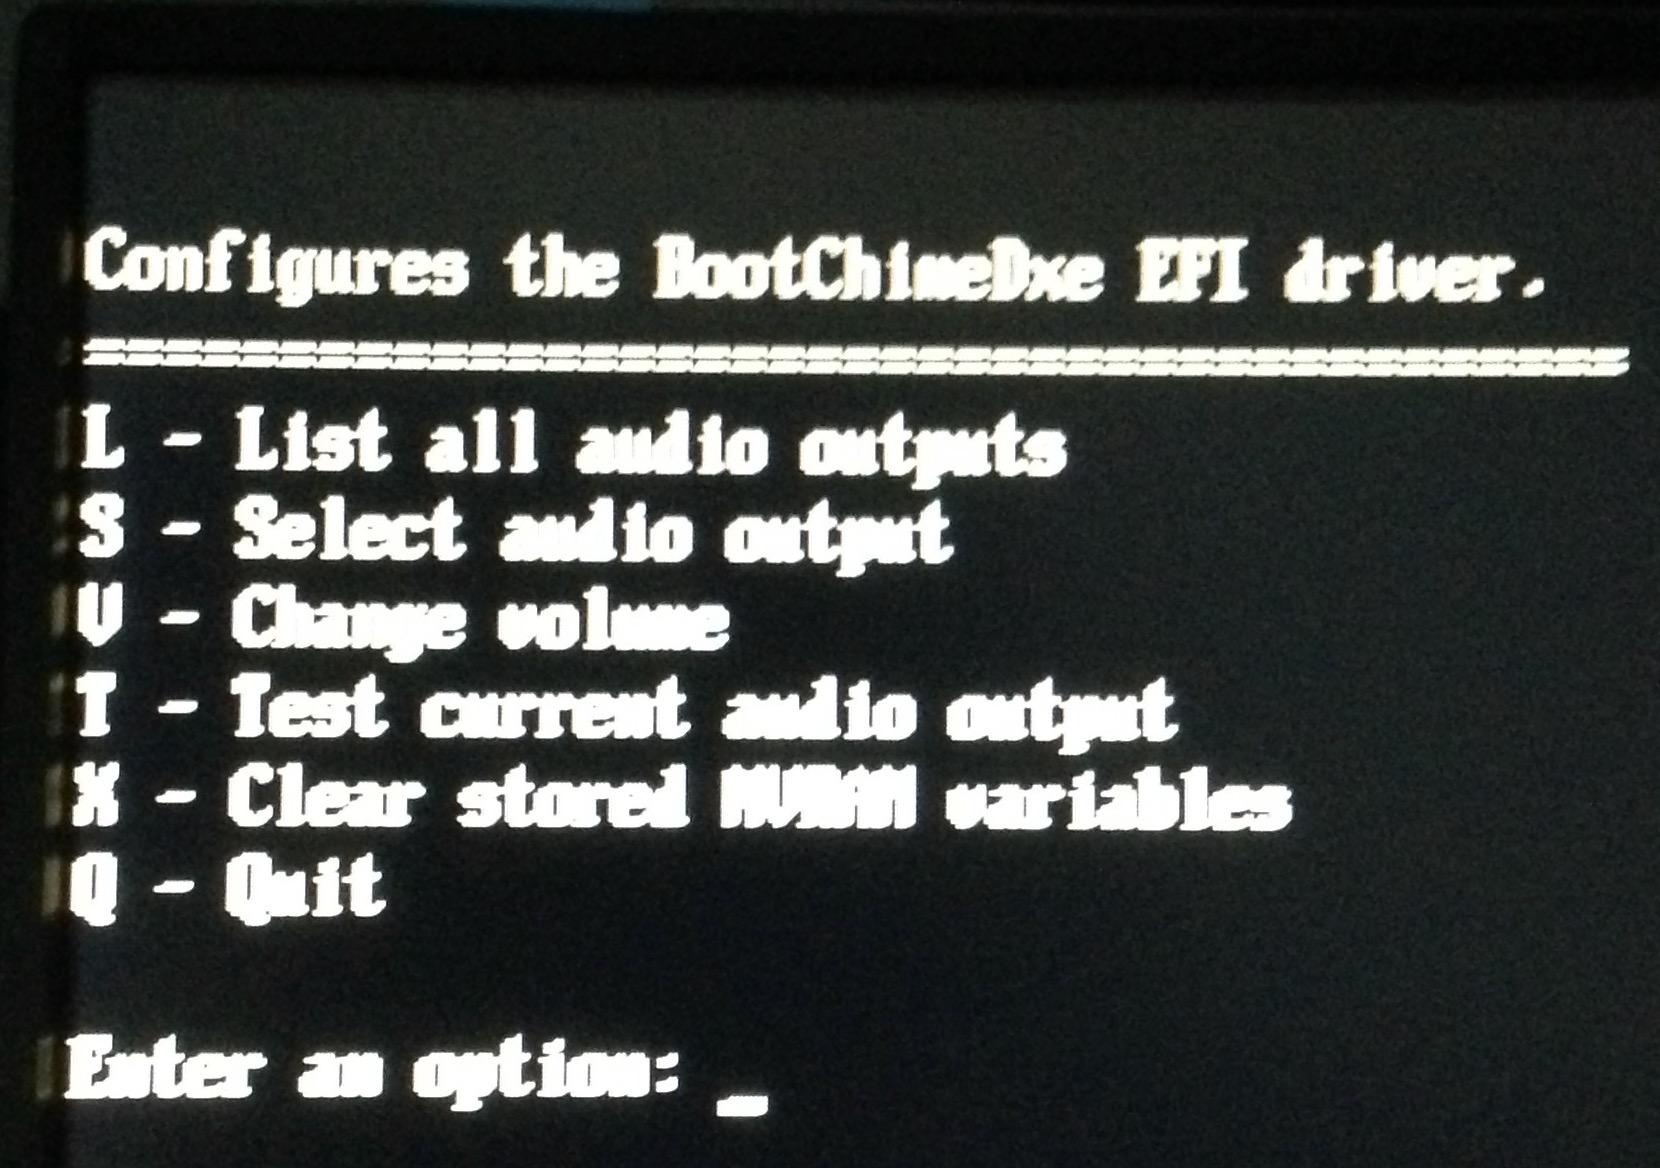 Configurer le BooChime de Clover Img_1724